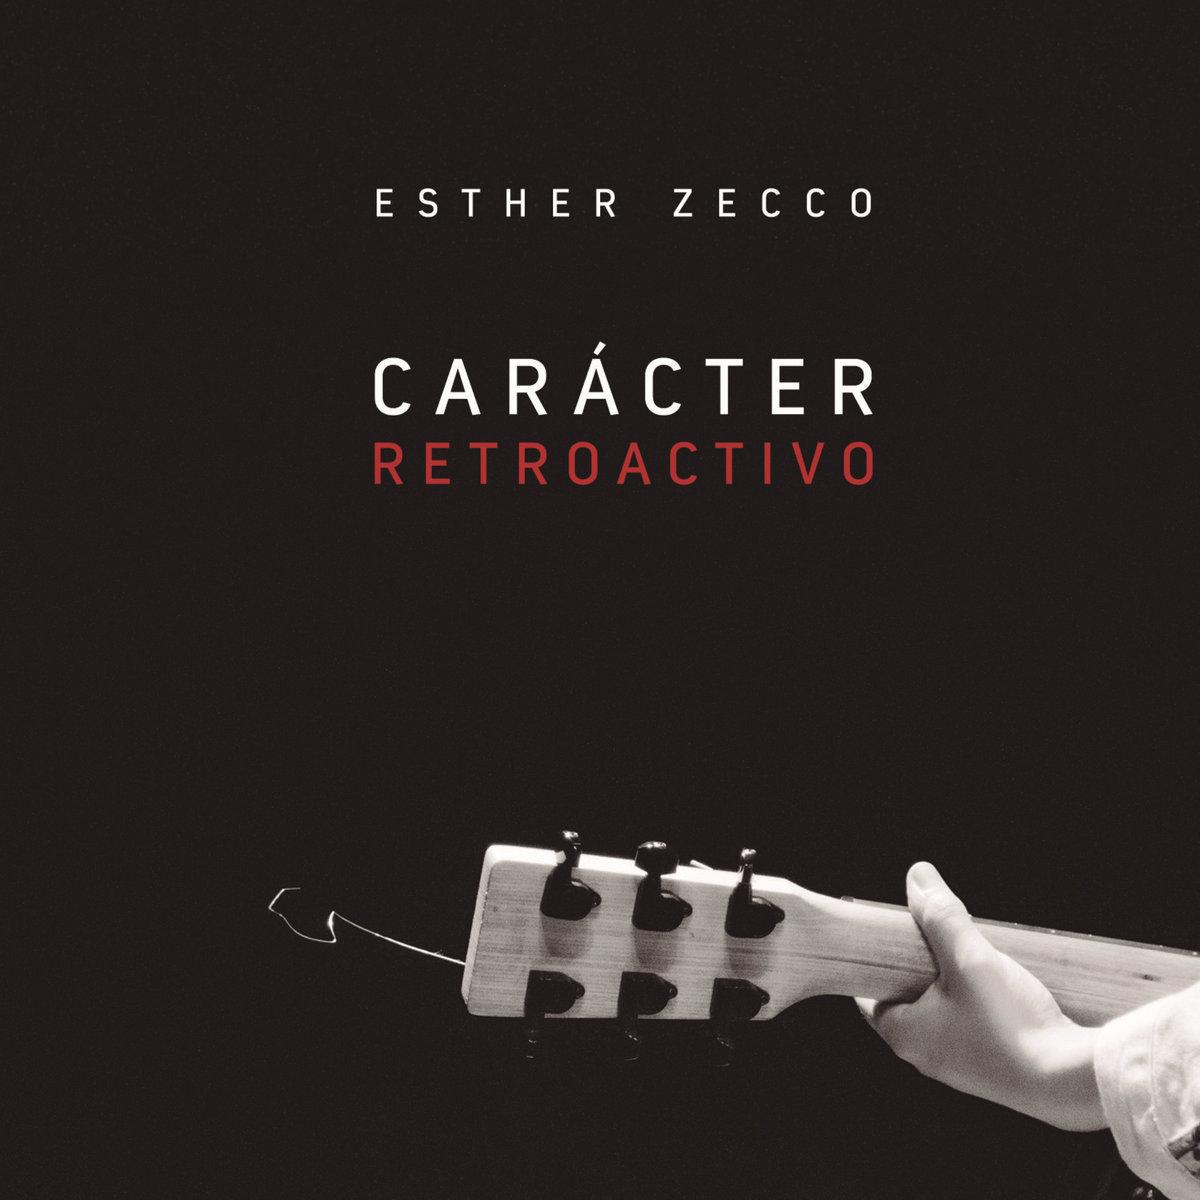 """La edición especial de """"Carácter retroactivo"""" es un libro-disco de 75 páginas en las que se recogen detalles sobre la grabación y fotografías del concierto."""